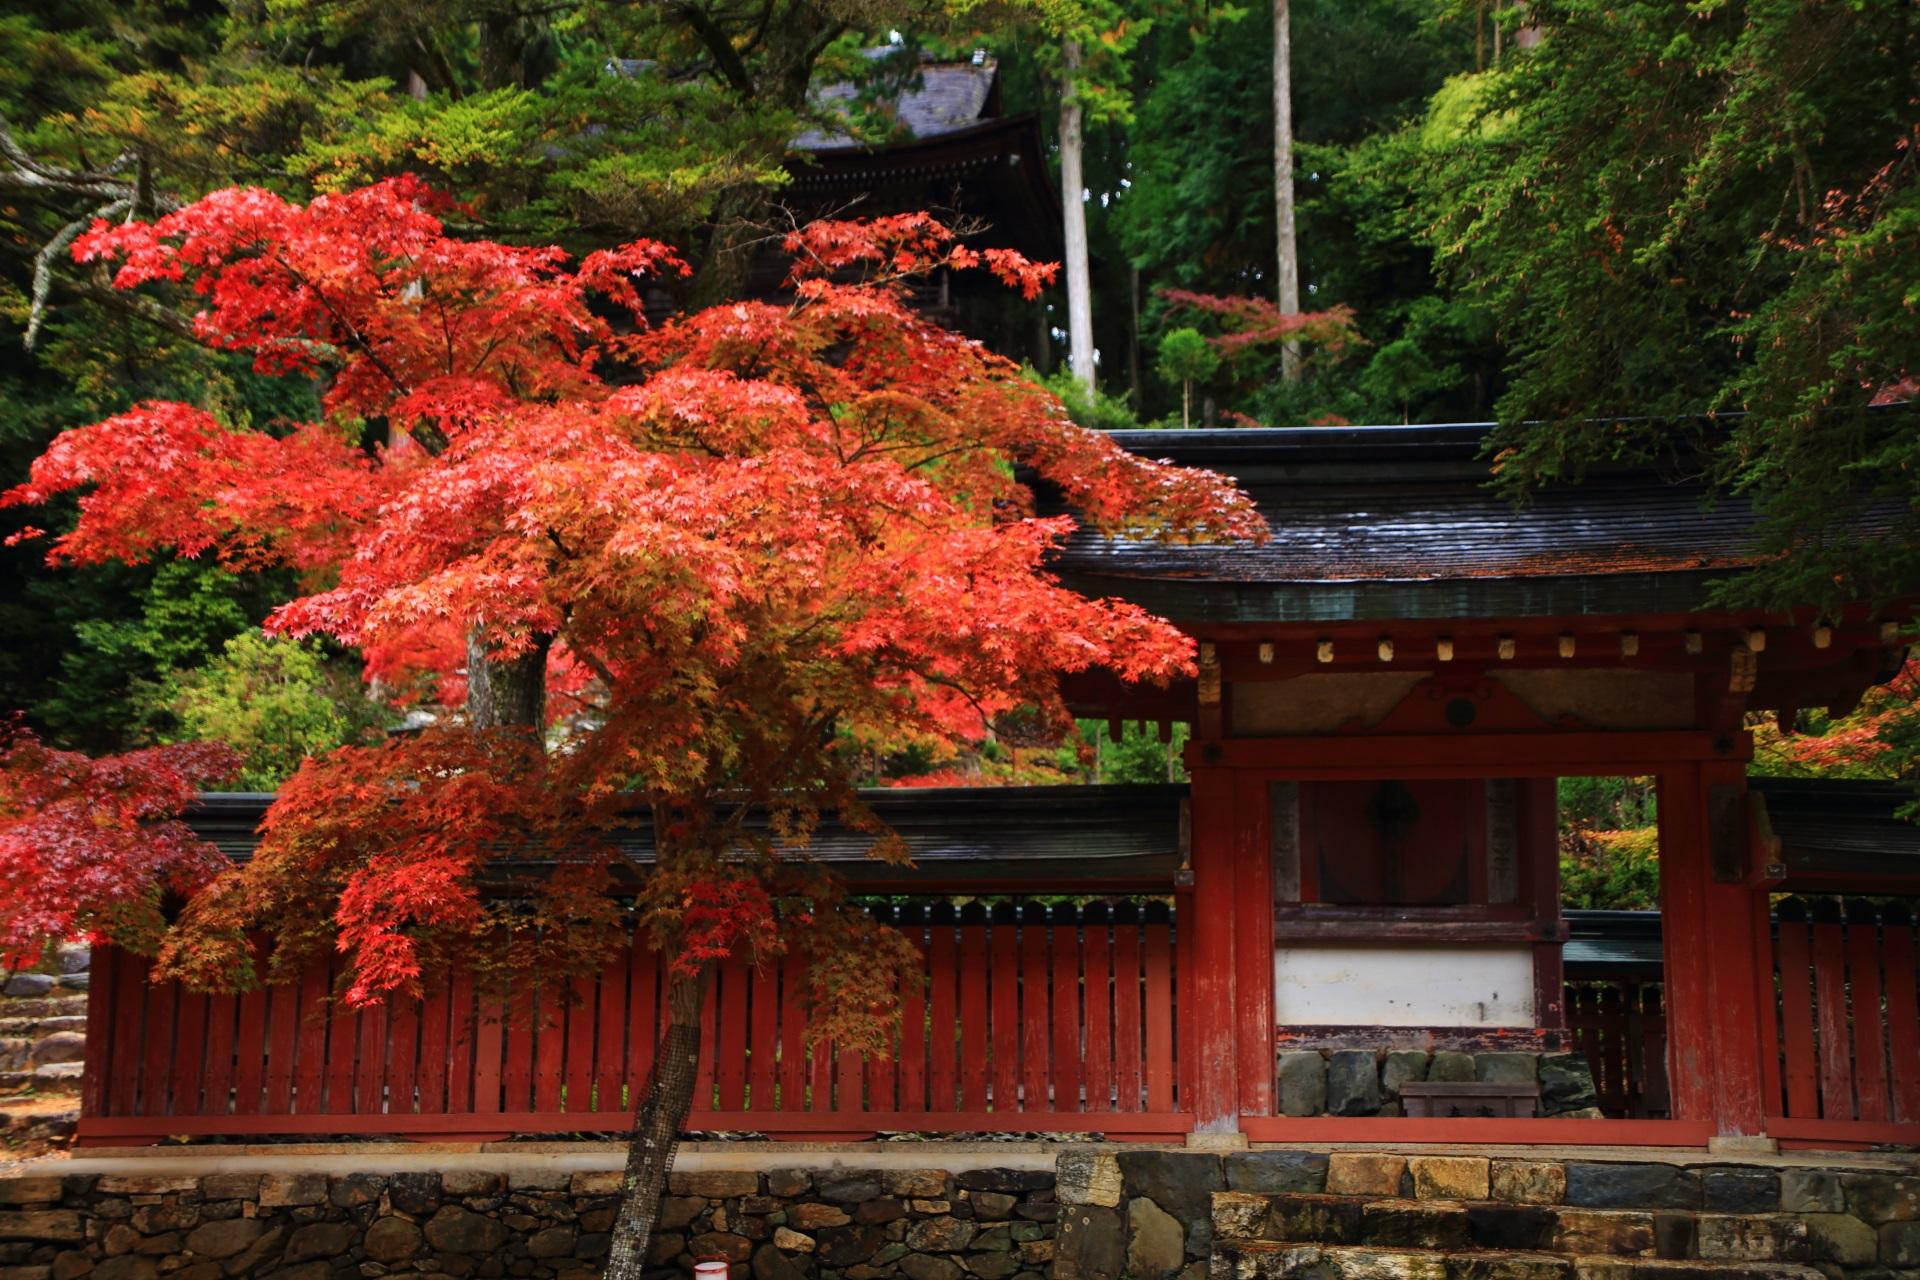 小豆色の塀と深い緑の中でほのかに光るような紅葉